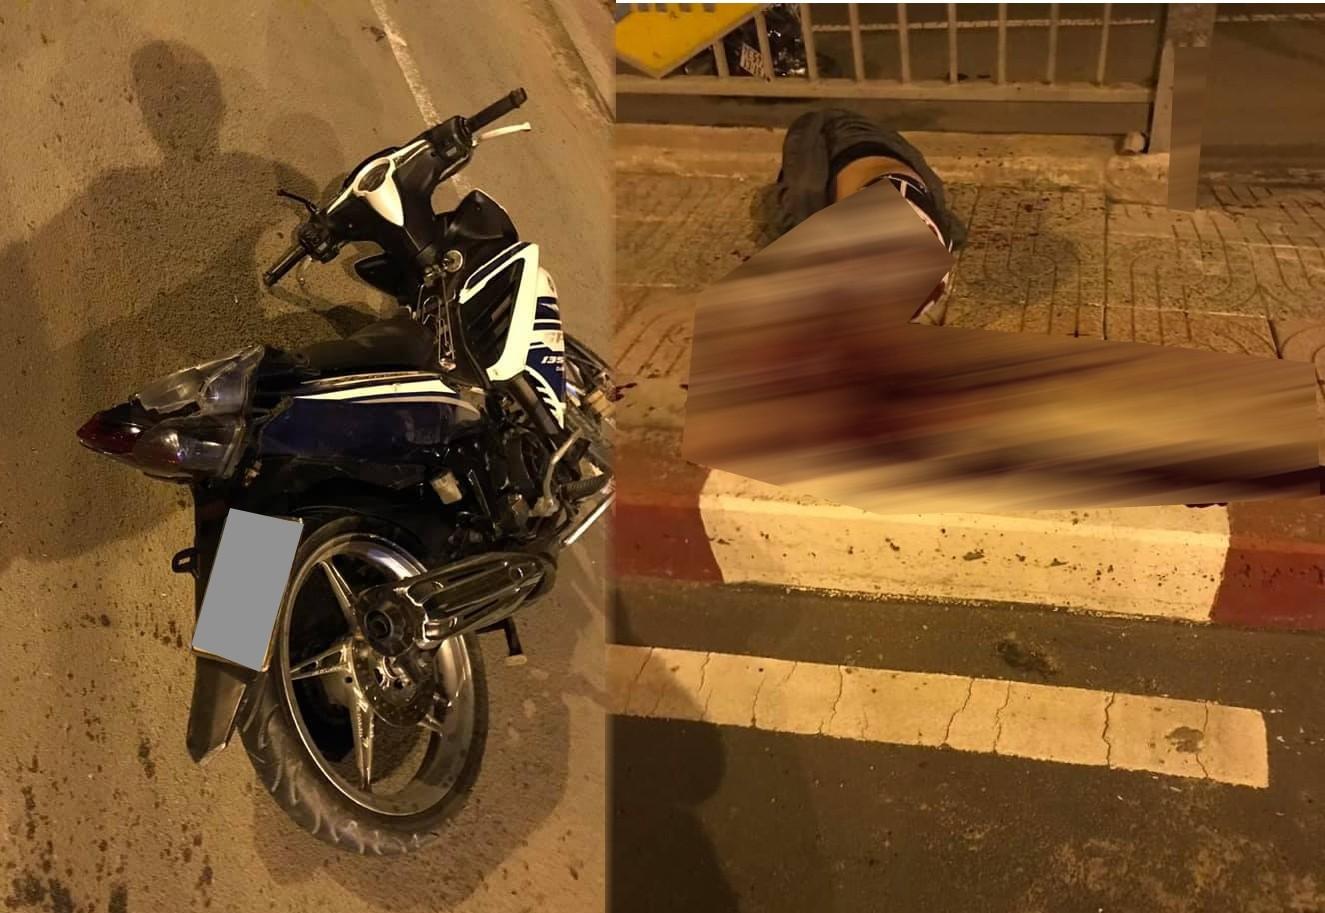 Hiện trường vụ tai nạn của nam thanh niên chạy xe Yamaha Exciter đứt lìa chân sau khi tông vào thành cầu